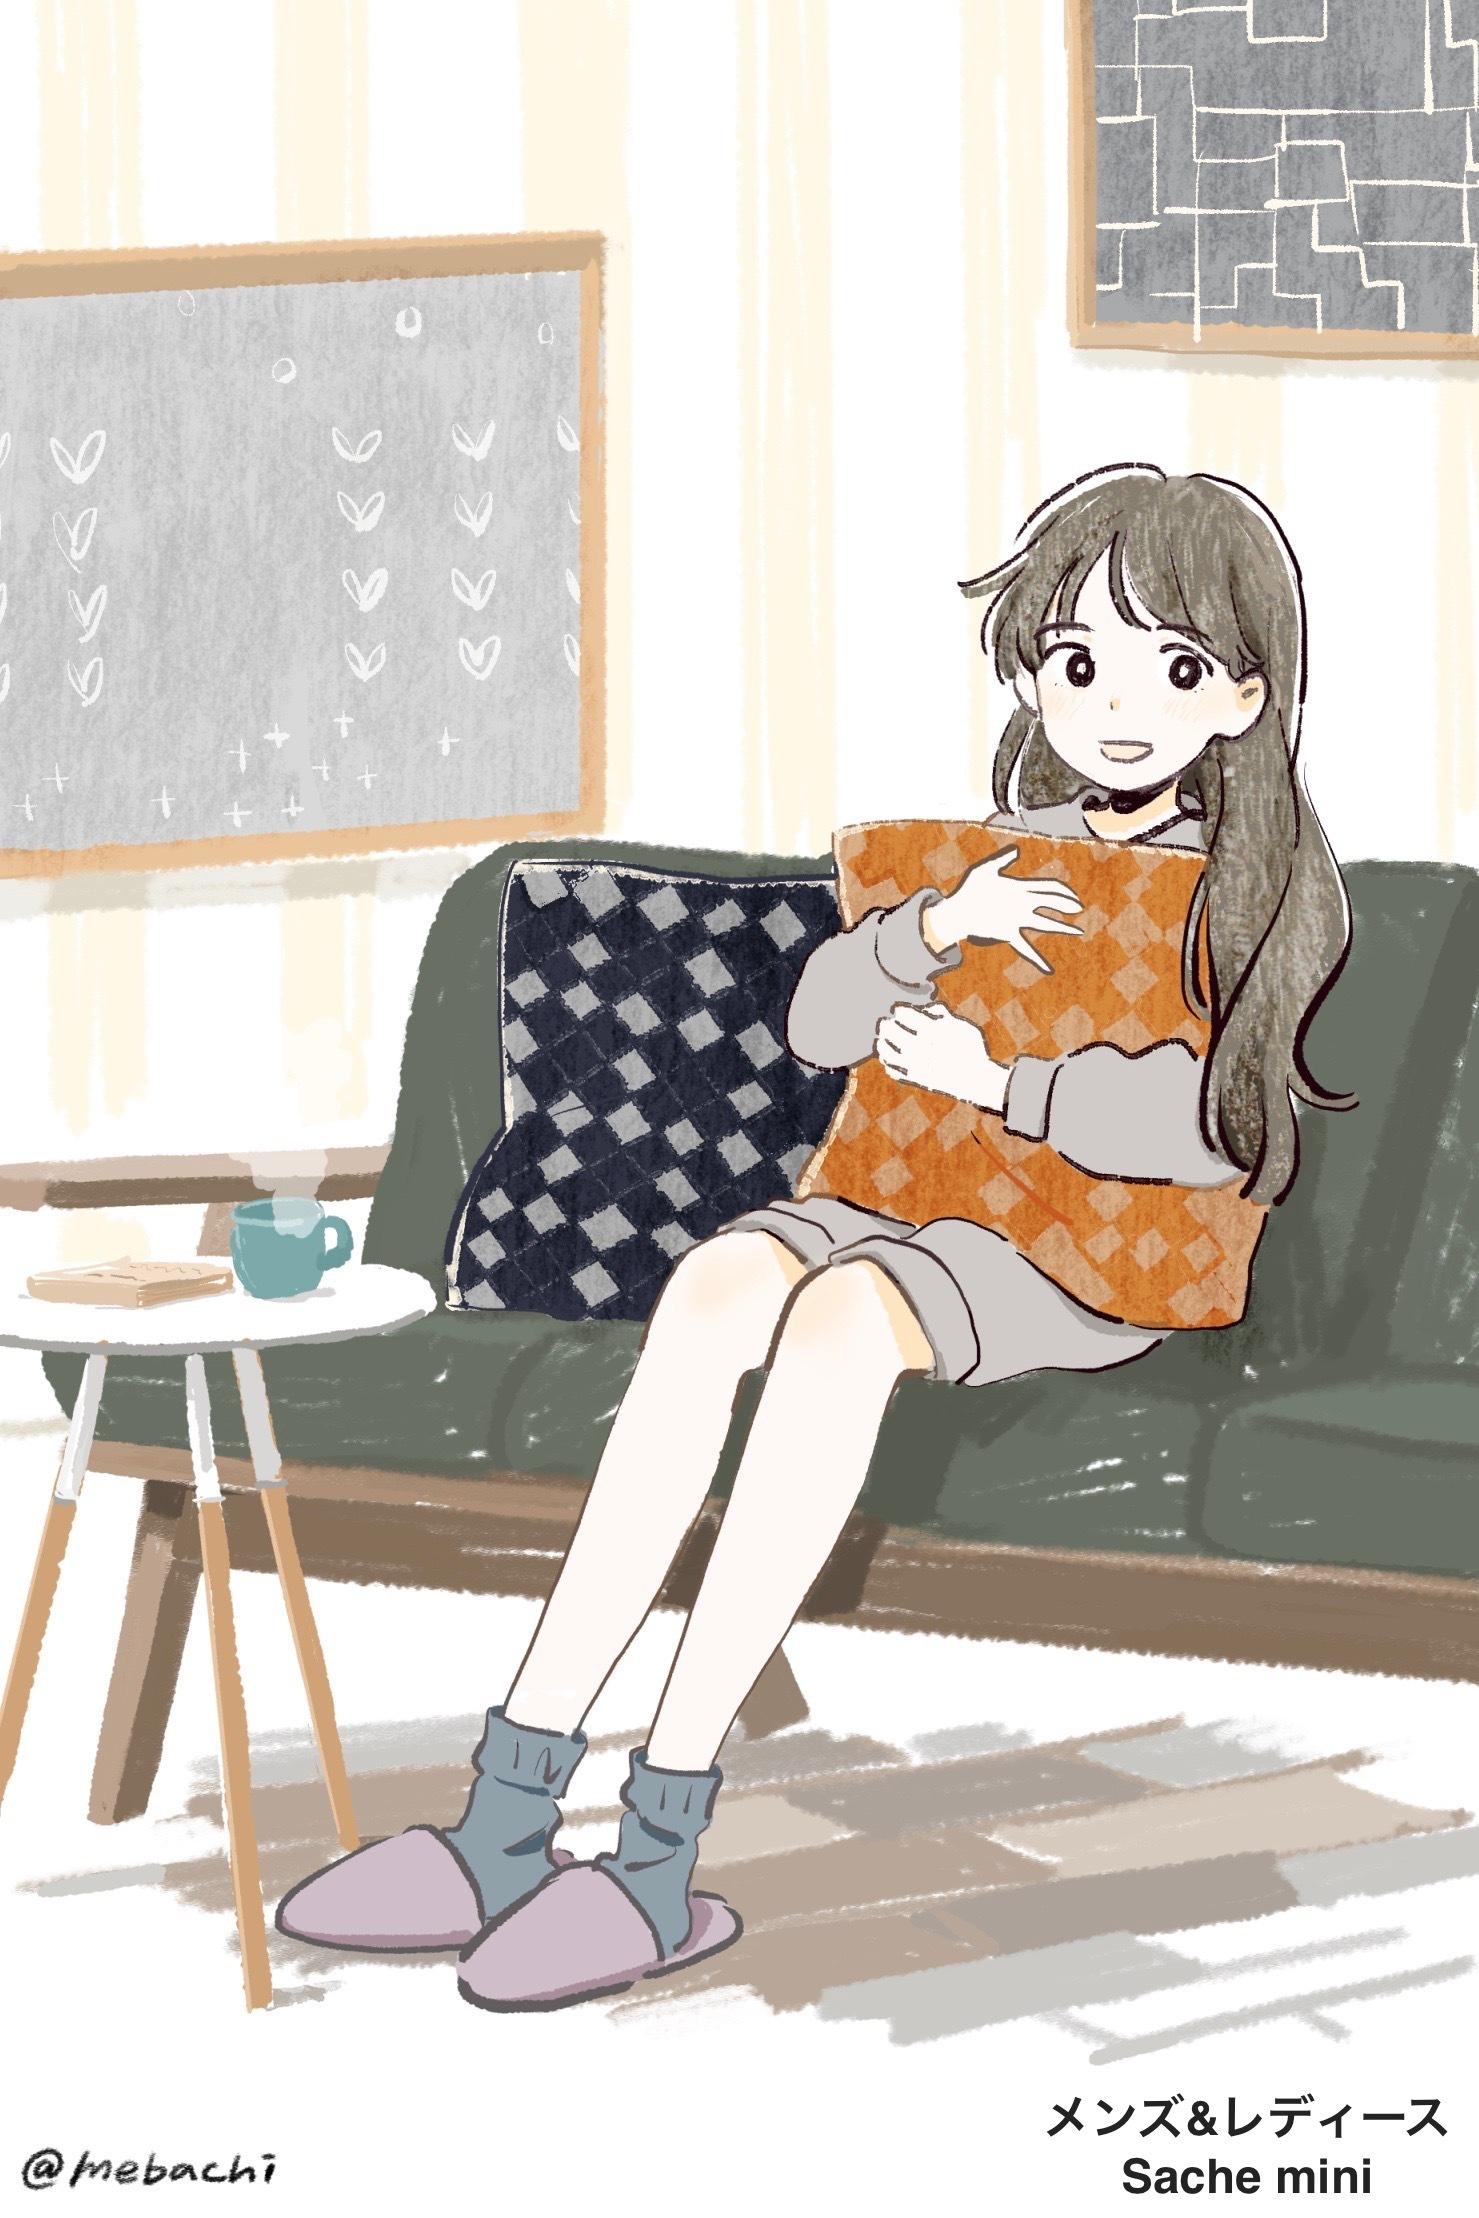 人気ブランドの別注アイテム♪ テキスタイルクッション/rikolekt